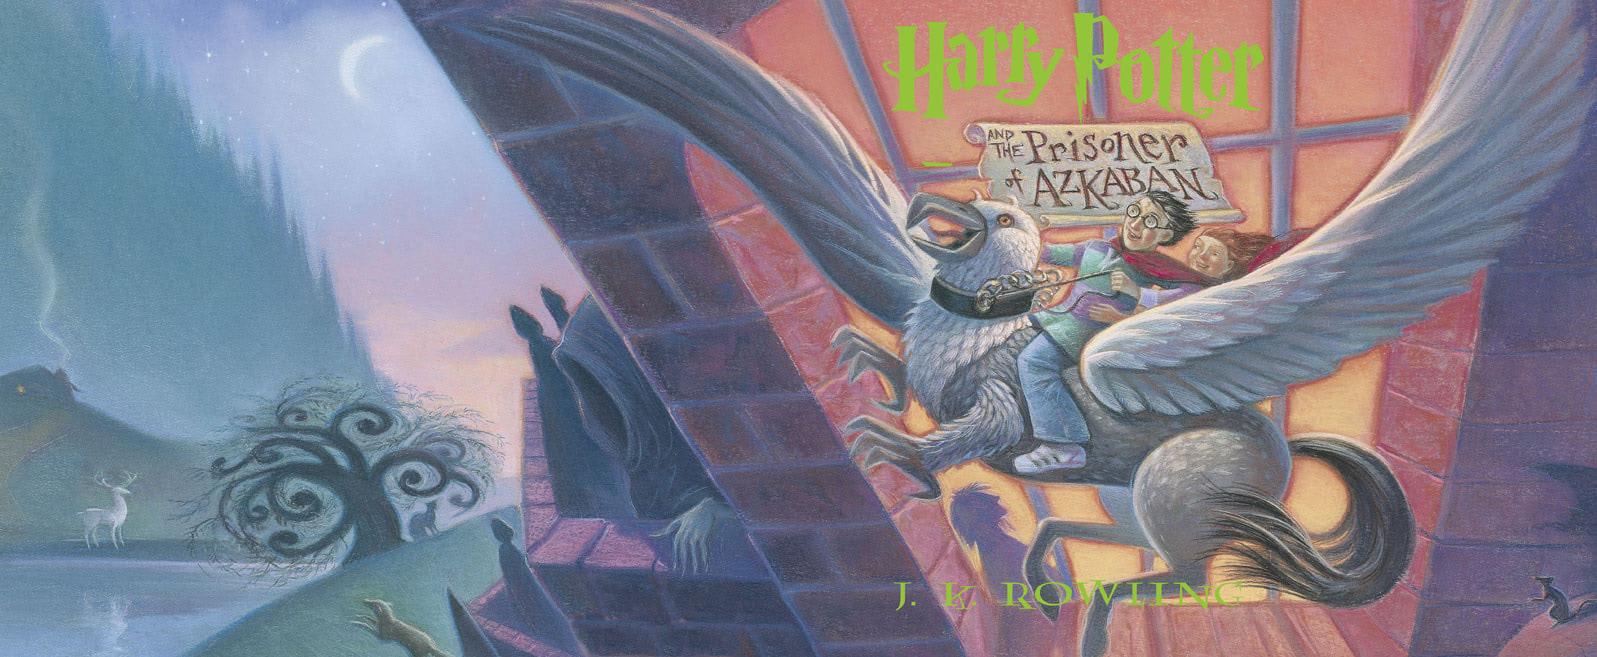 'Prisoner of Azkaban' full jacket artwork